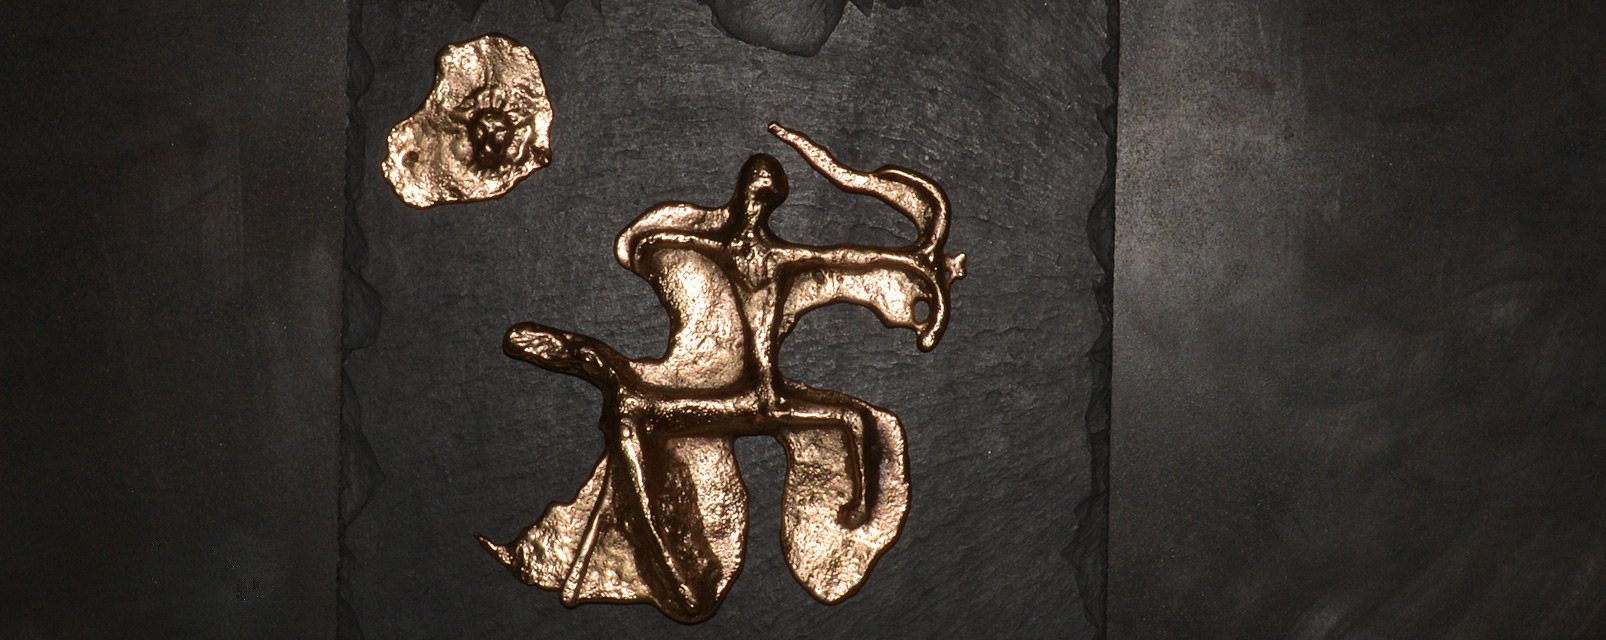 Le Centaure - tableau de bronze sur ardoise fixés sur plaque d'acier oxydéee